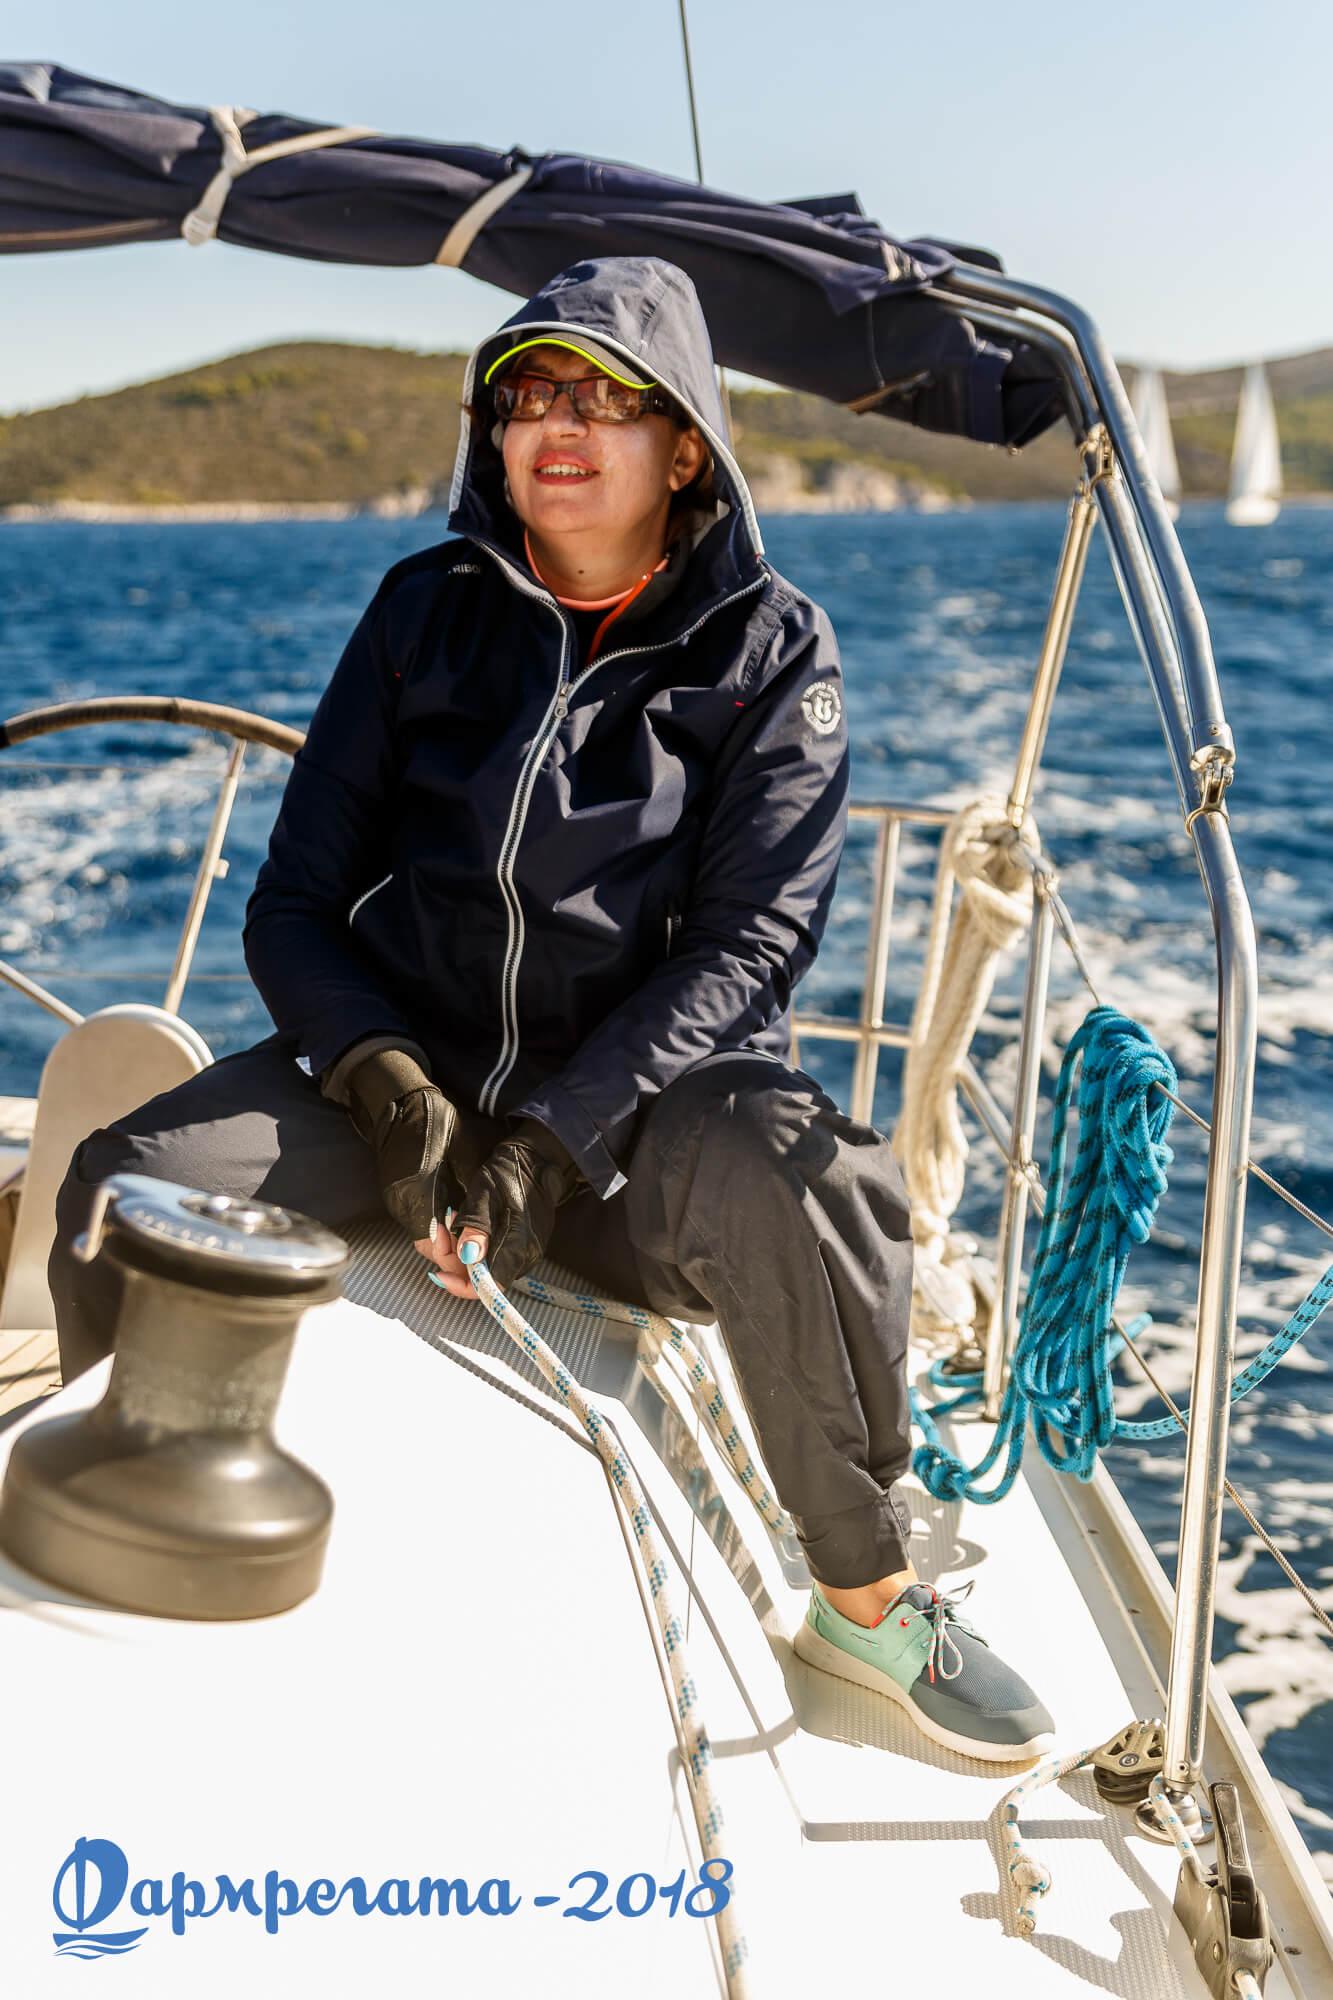 Член экипажа яхты - ДСМ групп Фармрегата 2018 - DSM Group Pharmregata 2018